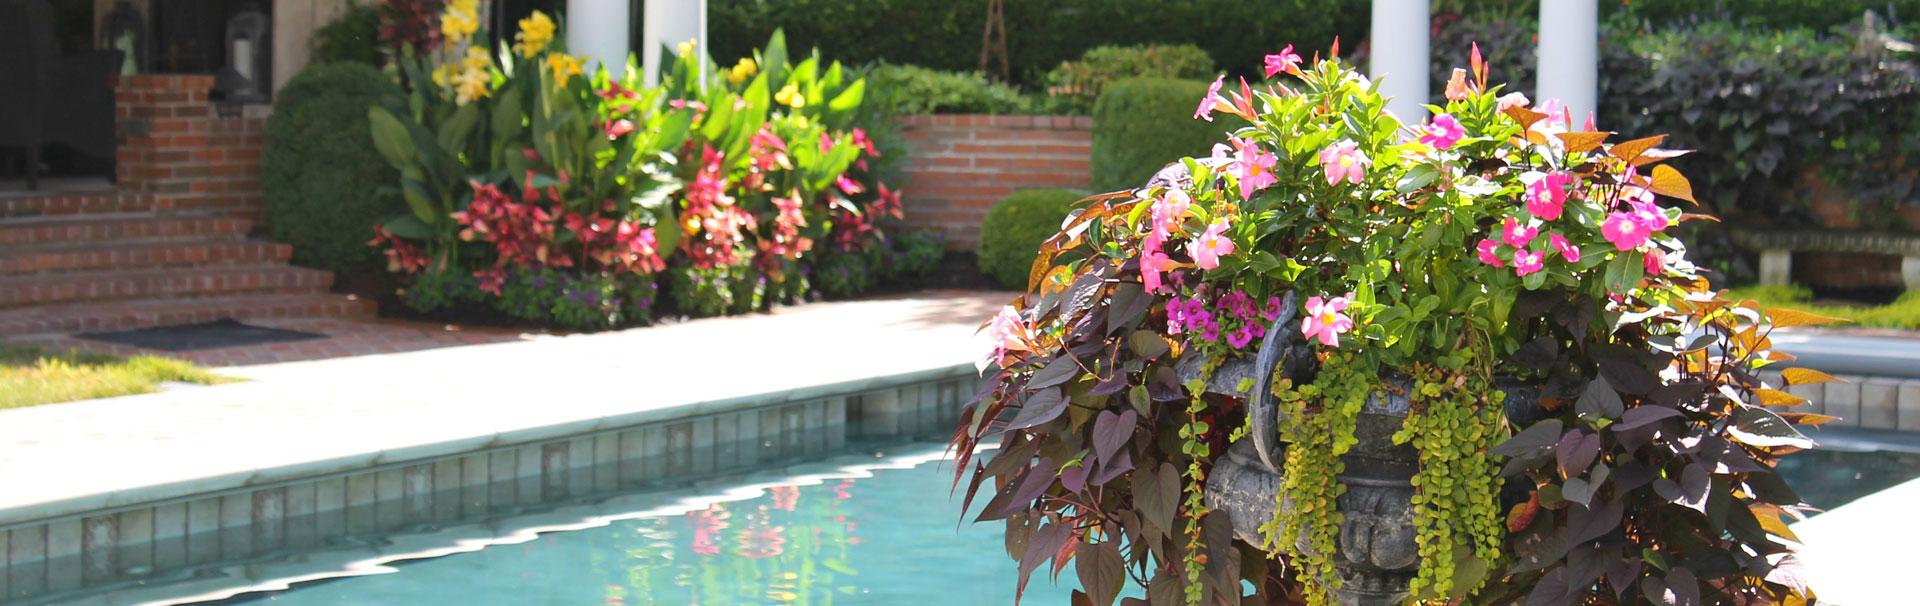 pool landscaping in kansas city